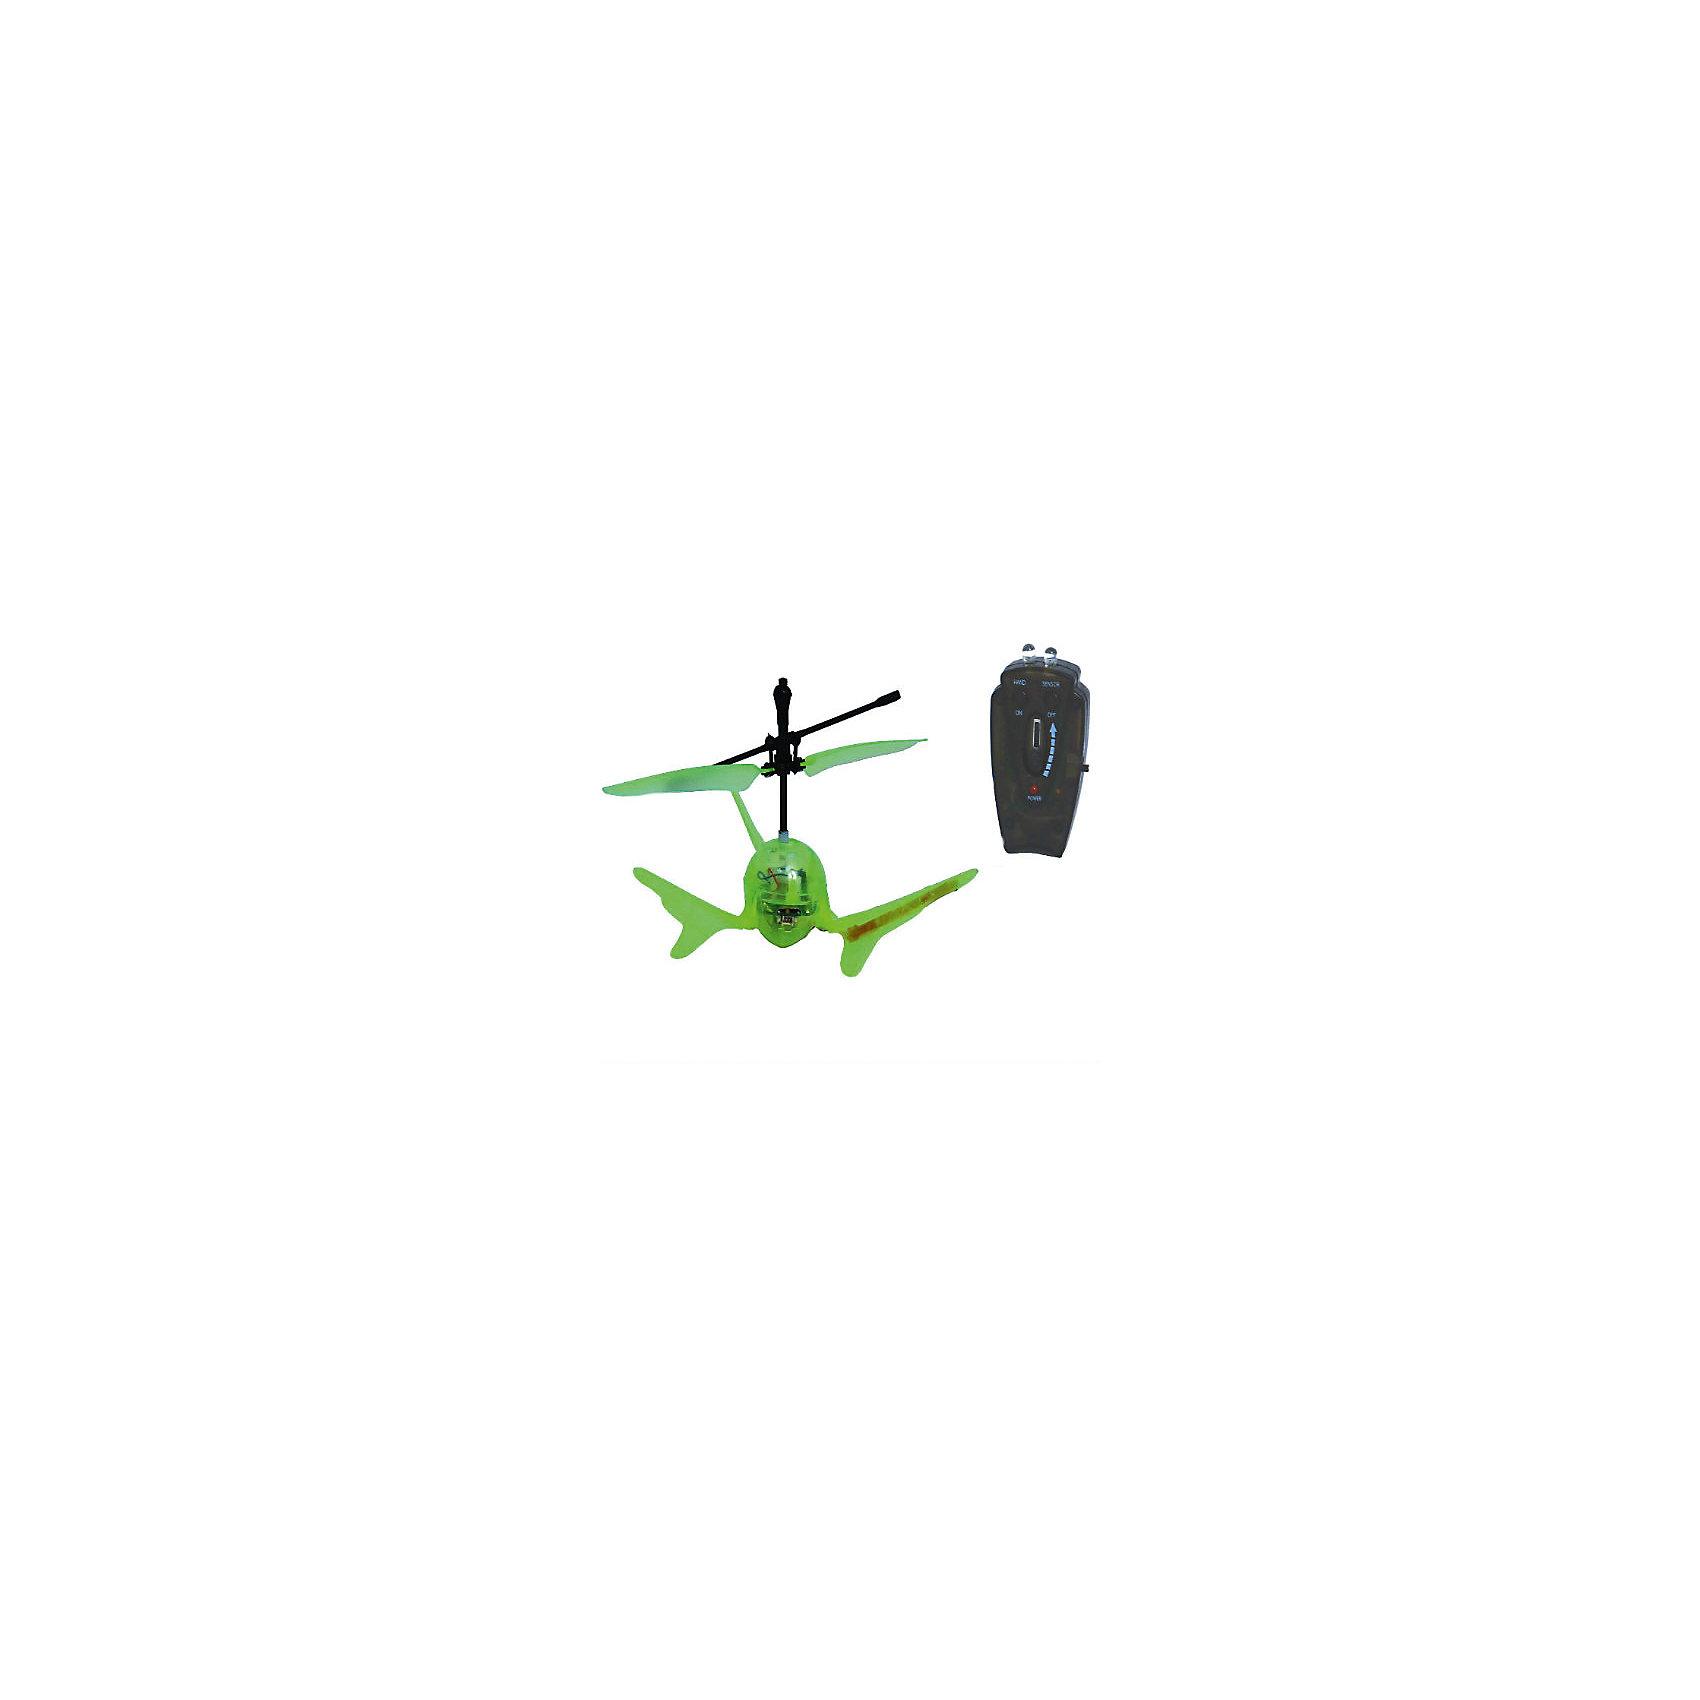 Вертолет Супер Светлячок на и/у со световыми эффектами, зеленый, Властелин небесРадиоуправляемые вертолёты<br>Вертолет Супер Светлячок на и/у со световыми эффектами, зеленый, Властелин небес<br><br>Характеристики:<br><br>• вертолет очень похож на светлячка<br>• светится в темноте<br>• оригинальный дизайн и небольшие размеры<br>• поднимается вверх, опускается вниз и зависает в воздухе<br>• светящиеся сигнальные огни<br>• инфракрасное и сенсорное управление<br>• полная зарядка за 20 минут<br>• расстояние до пульта: 7 метров<br>• вертолет, аккумулятор 3,7V, зарядное устройство<br>• размер вертолета: 9х5х5 см<br>• материал: пластик, металл<br>• вес: 319 грамм<br>• размер упаковки: 15х29,5х16 см<br>• вес: 800 грамм<br>• батарейки для пульта: 3xAA / LR06 1.5V ( в комплекте)<br>• батарейки для зарядного устройства: 8xAA / LR06 1.5V ( в комплект не входят)<br>• цвет: зеленый<br><br>Супер Светлячок - забавный вертолет на инфракрасном управлении. Своим видом он напоминает маленького светлячка. Также, подобно светлячку, вертолет светится в темноте и освещает помещение сигнальными огнями. Супер Светлячок умеет летать вверх и вниз, а также зависает в воздухе. Есть возможность выбора управления: сенсорное и ручное. Время полета составляет до 10 минут, время полной подзарядки - 20 минут. Вертолет может летать на расстоянии до 7 метров от пульта управления. Супер Светлячок очарует своими огоньками и детей, и взрослых!<br>Для работы необходимы батарейки.<br><br>Вертолет Супер Светлячок на и/у со световыми эффектами, зеленый, Властелин небес можно купить в нашем интернет-магазине.<br><br>Ширина мм: 130<br>Глубина мм: 185<br>Высота мм: 155<br>Вес г: 320<br>Возраст от месяцев: 108<br>Возраст до месяцев: 2147483647<br>Пол: Мужской<br>Возраст: Детский<br>SKU: 5397086